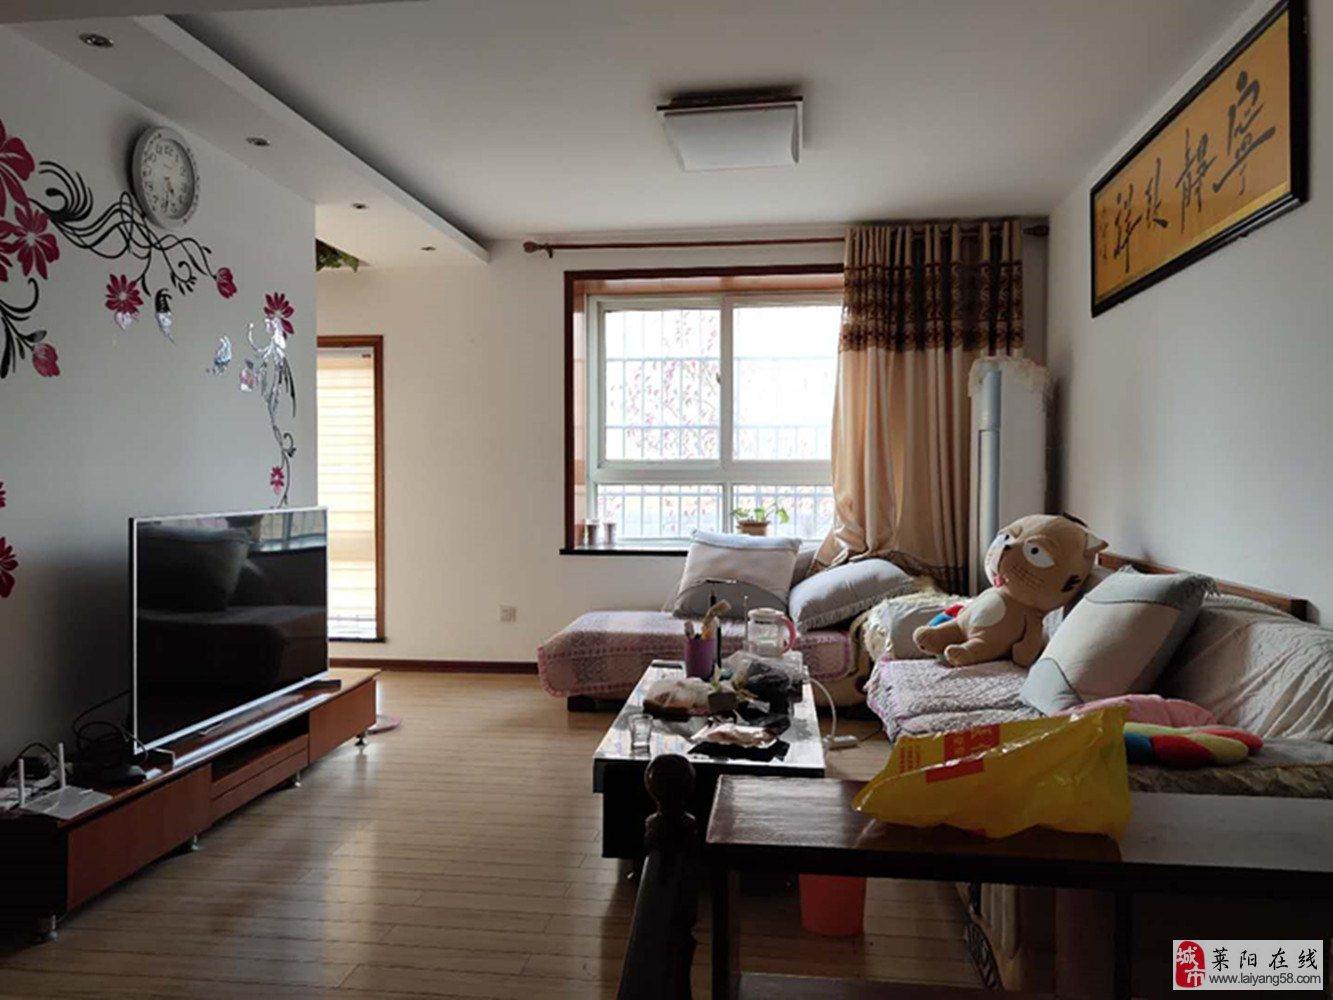 九中片汇龙湾109平1楼三室两厅两卫带小房